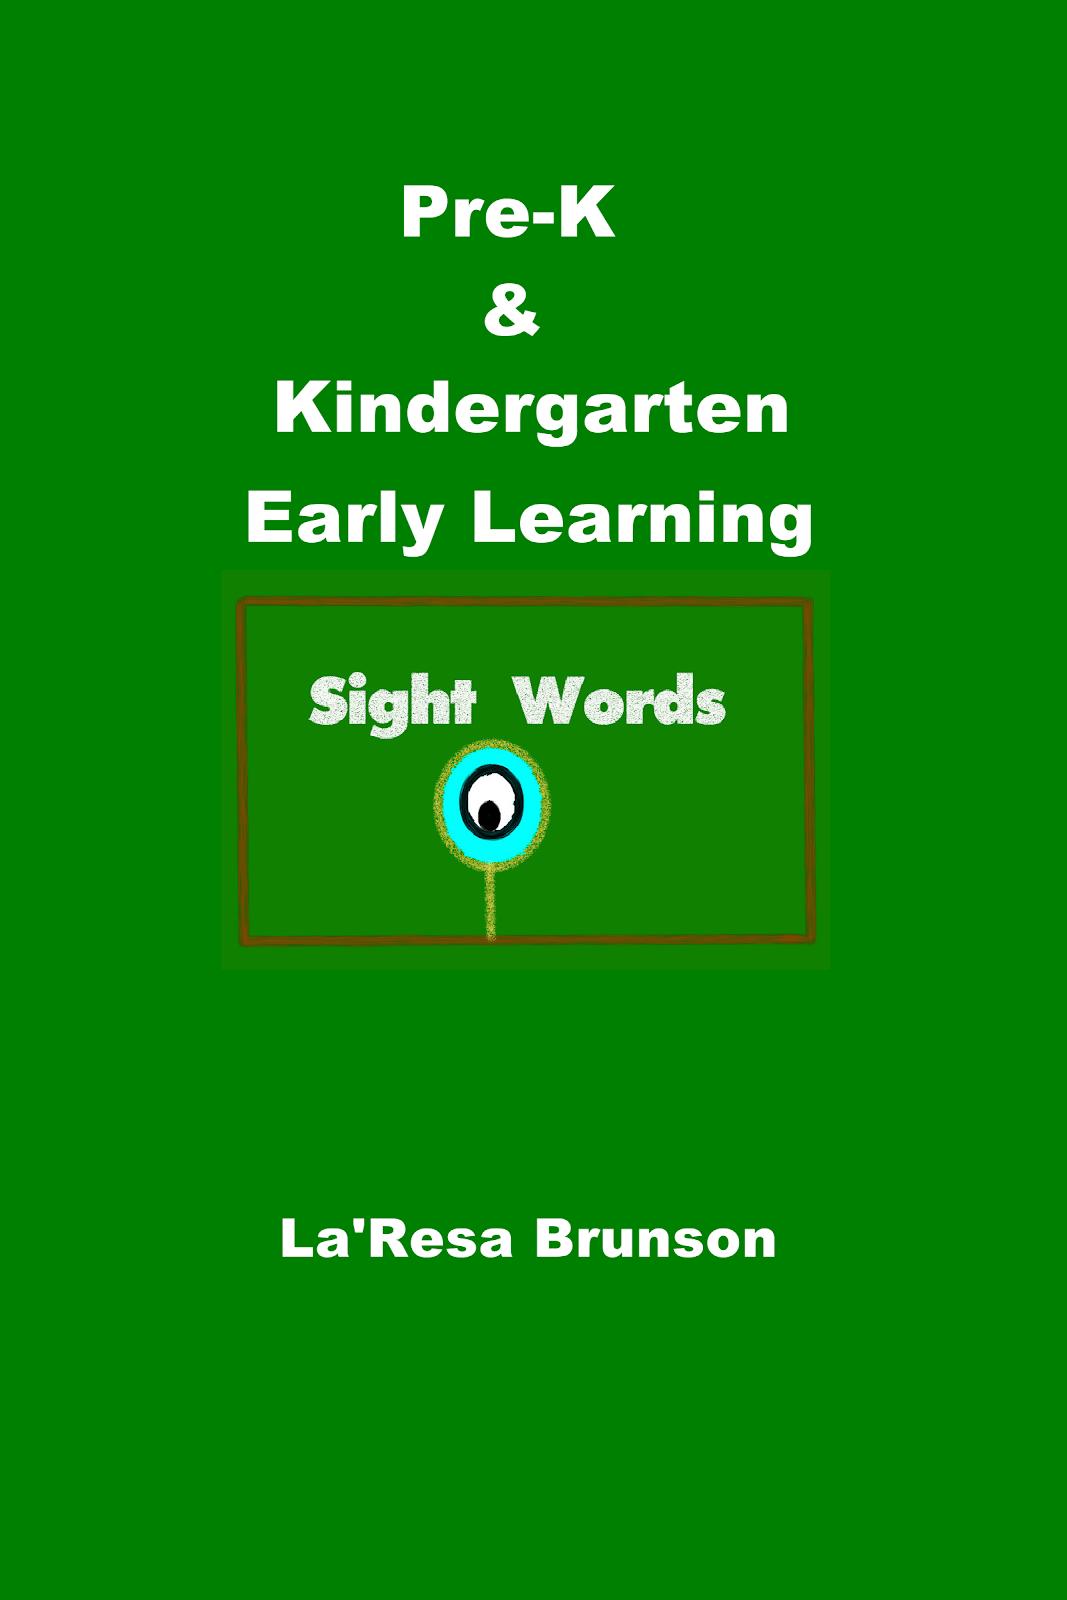 Pre-K & Kindergarten: Early Learning Sight Words